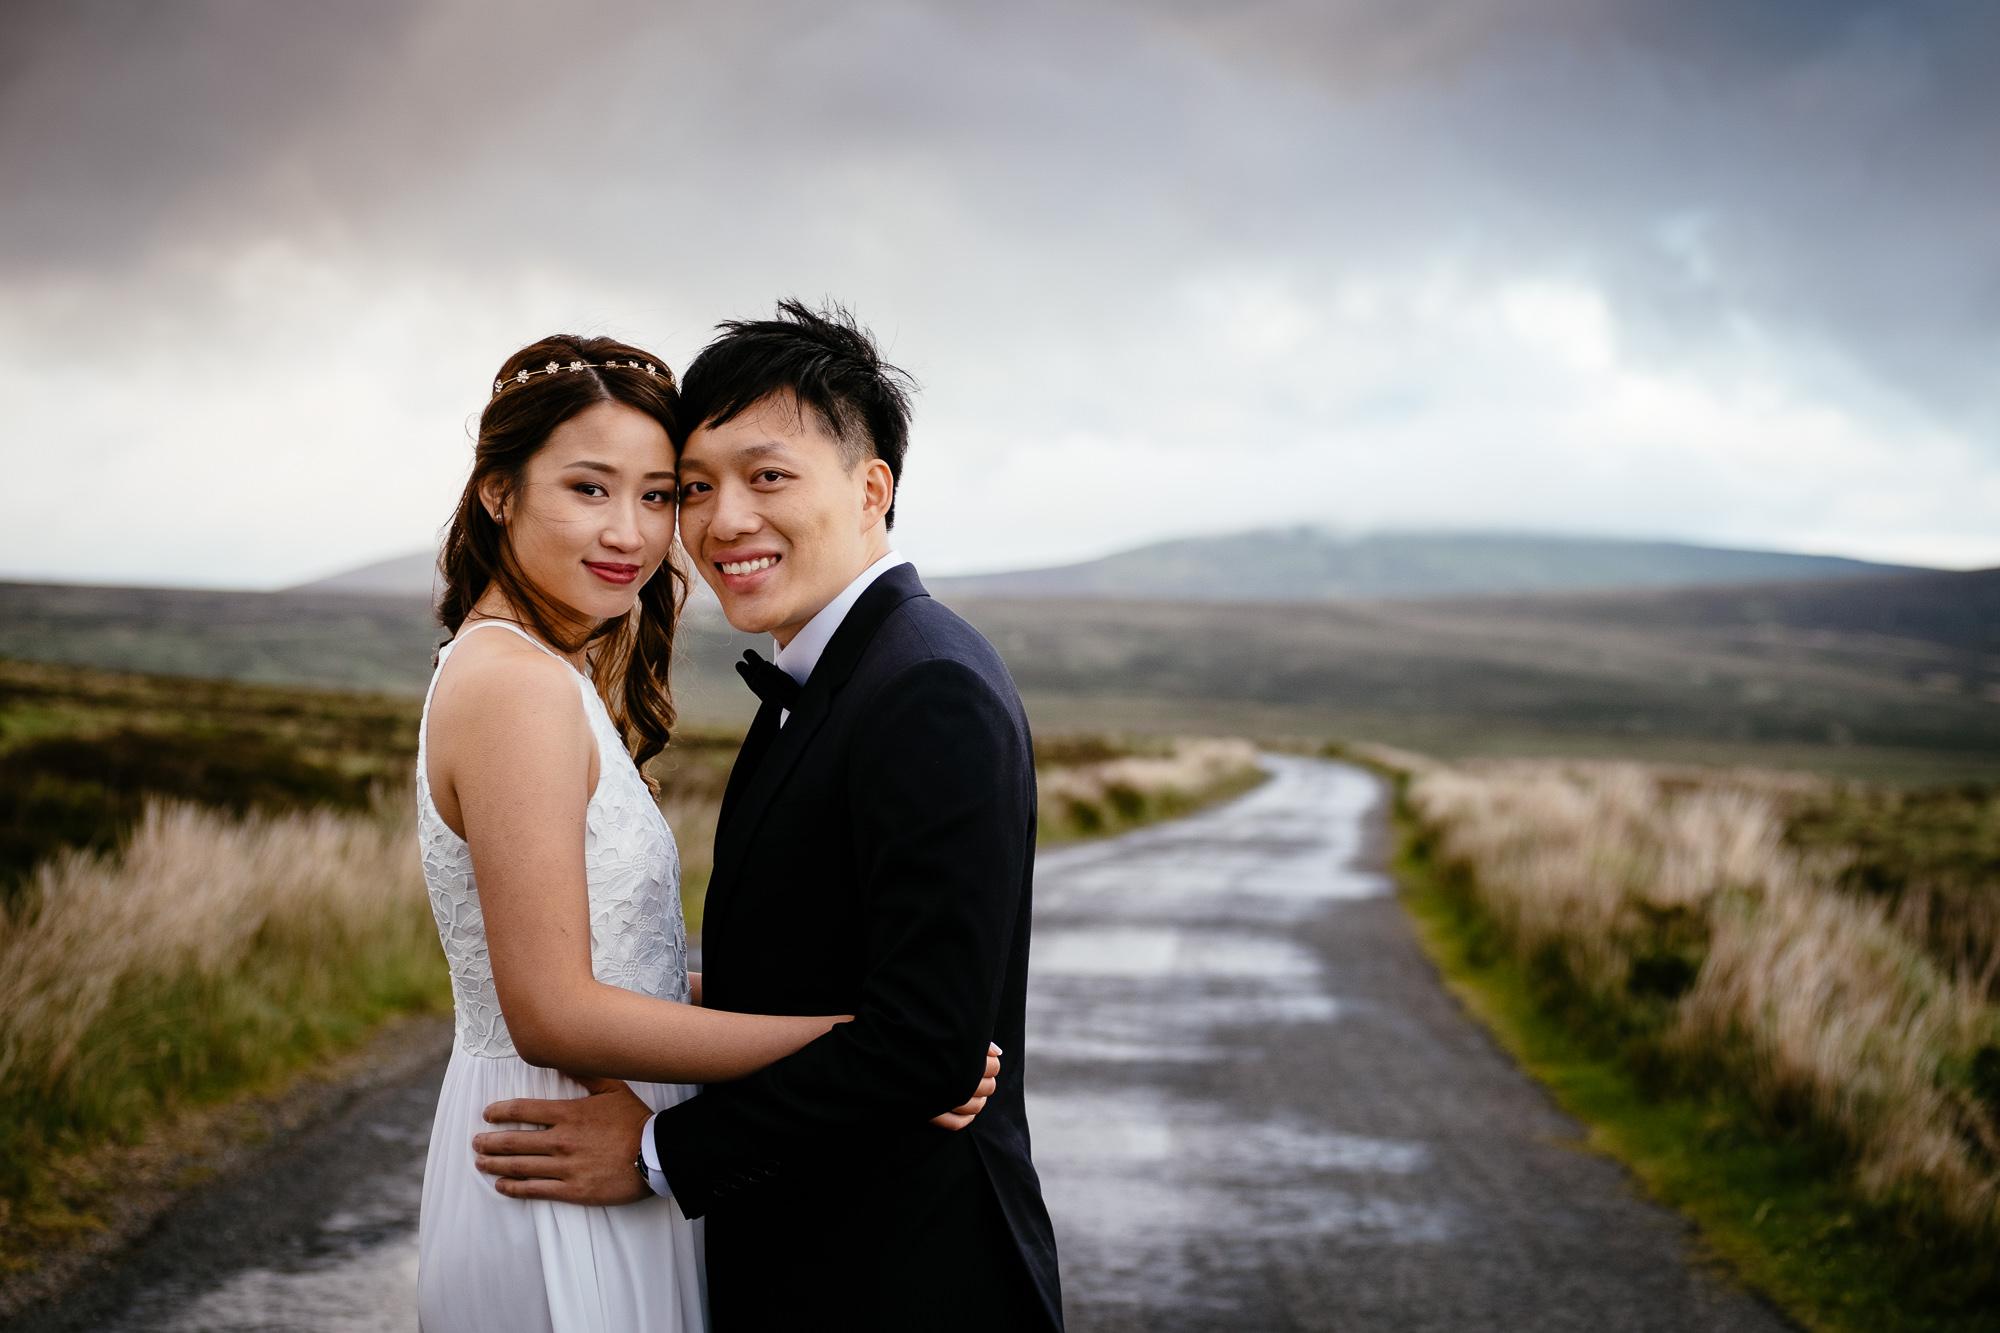 Engagement shoot in wicklow ireland 0087